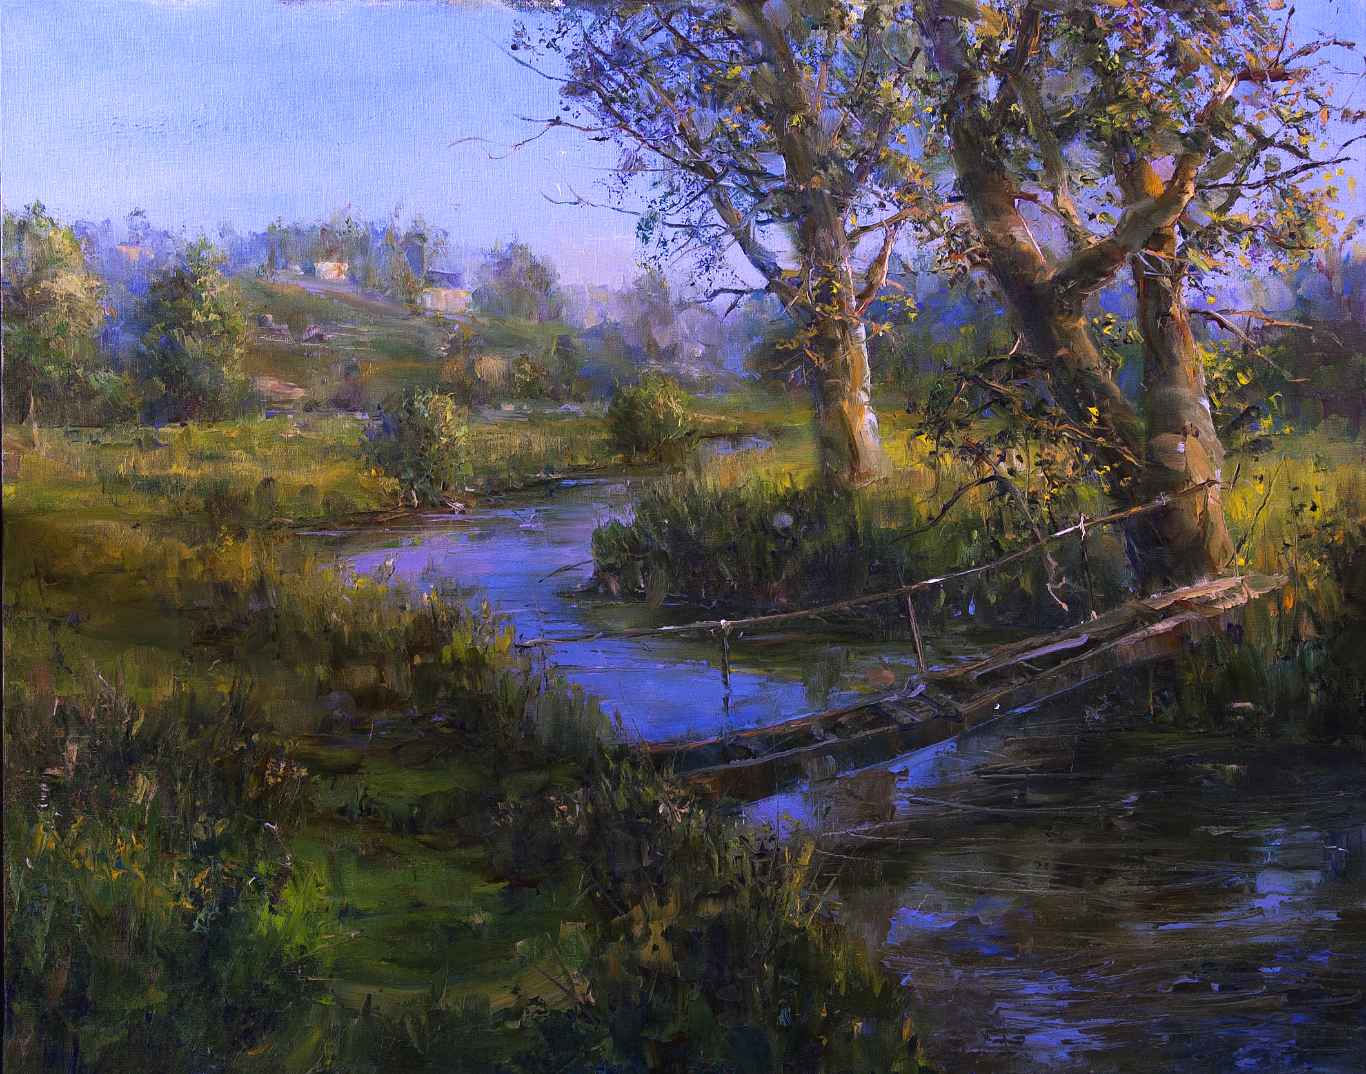 river by VityaR83